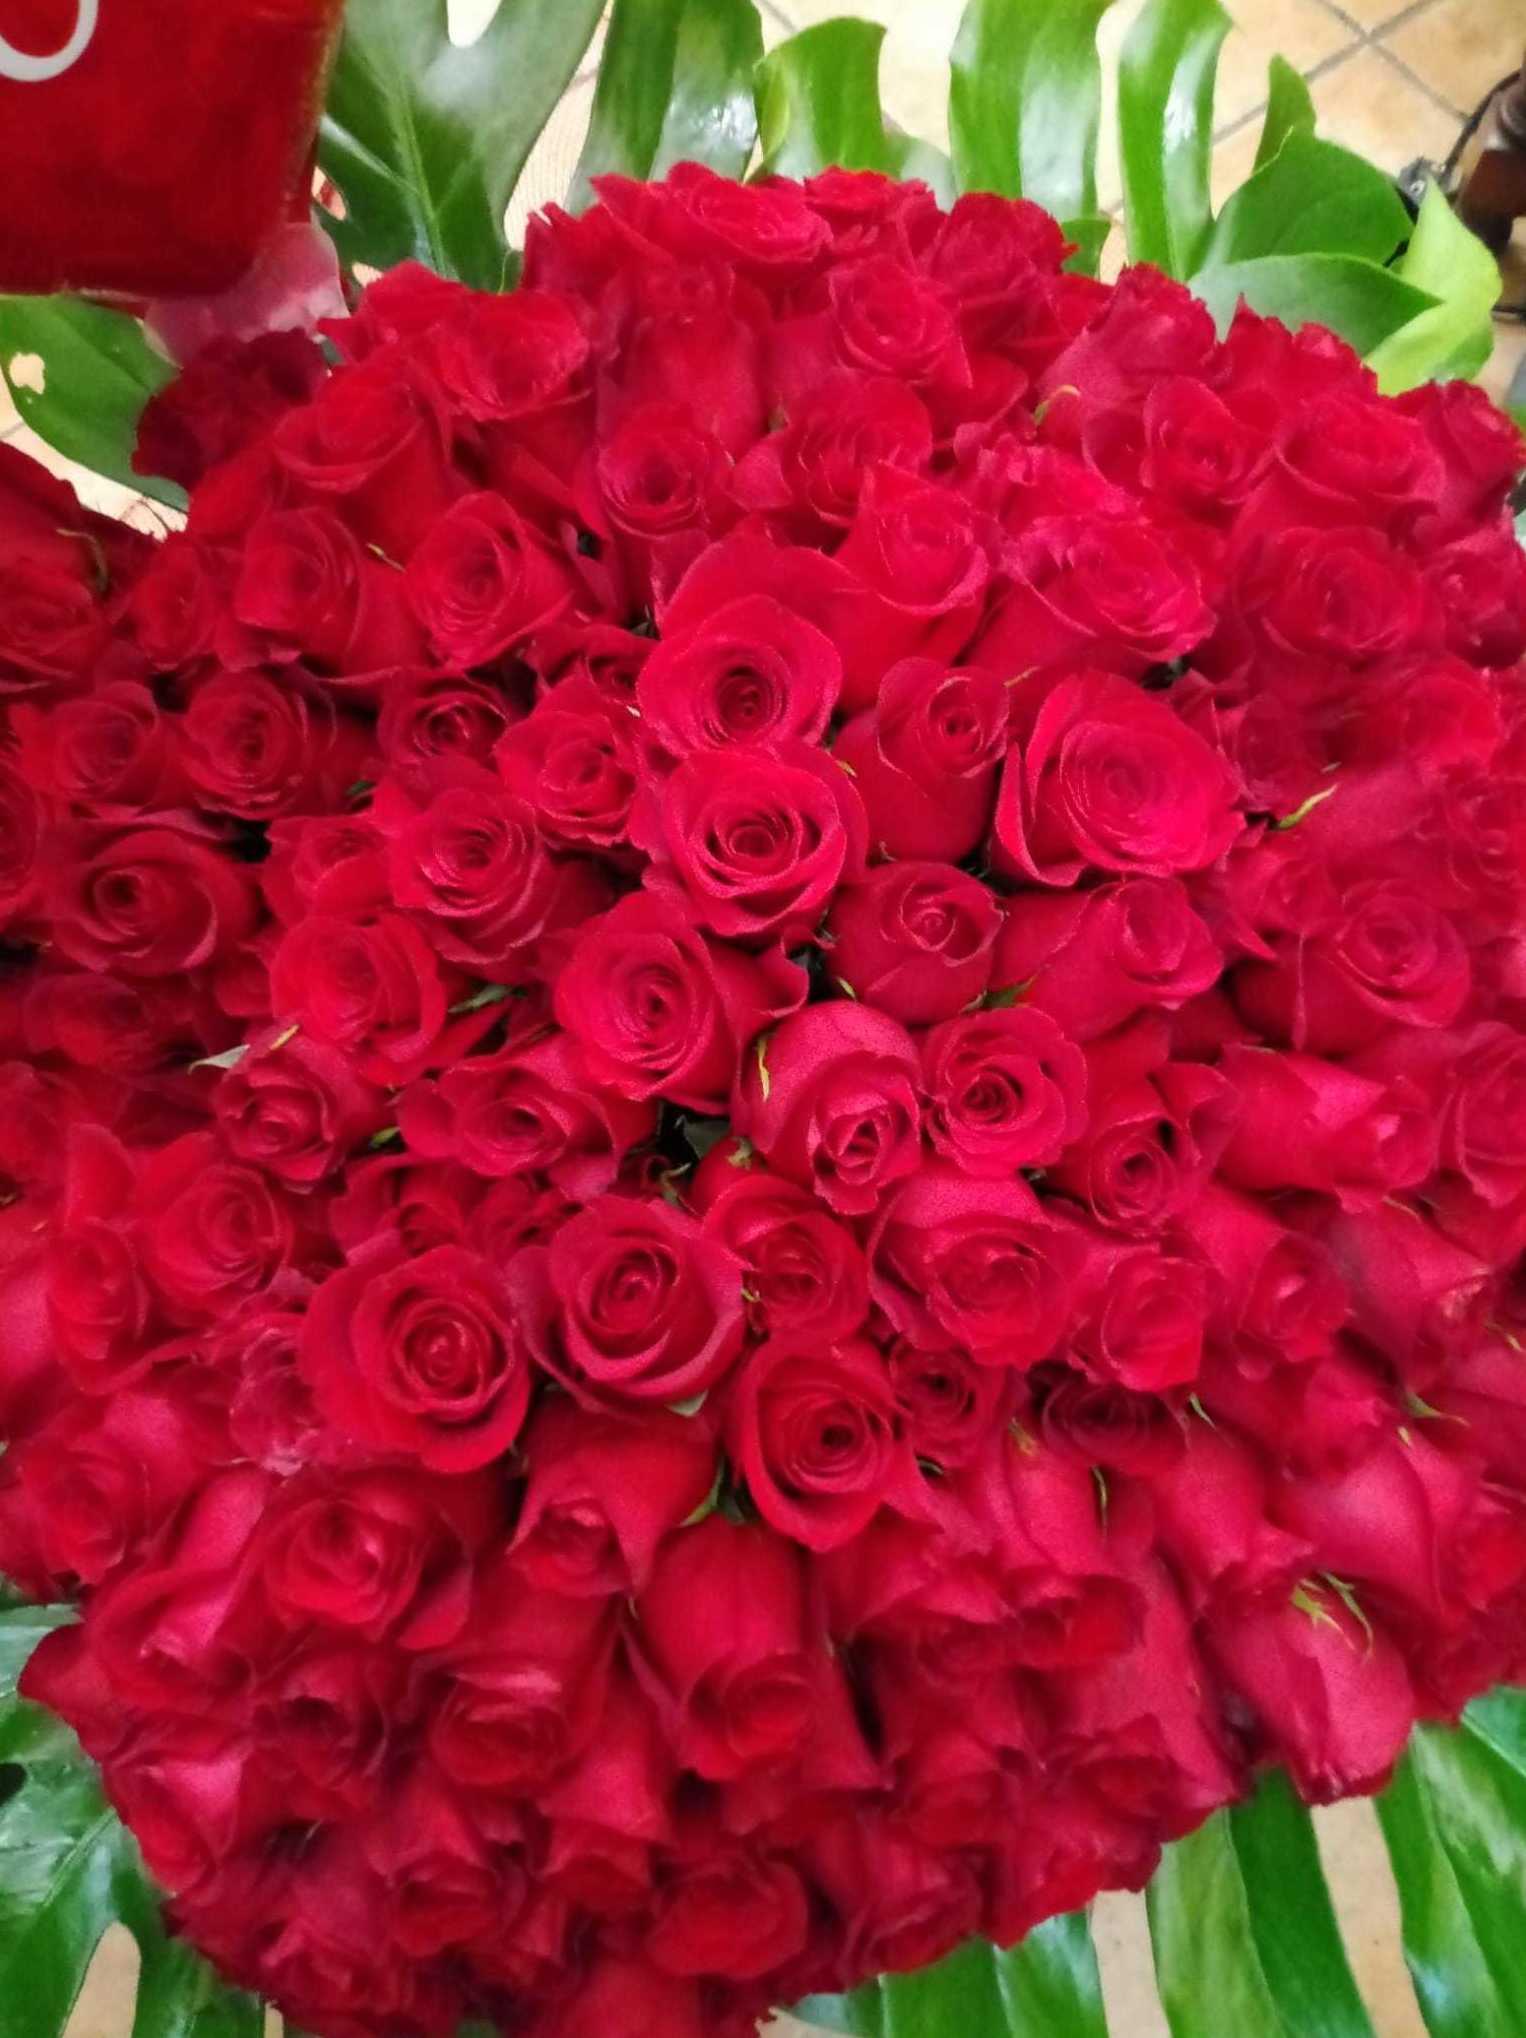 Foto 22 de Decoraciones florales en  | Floristería Abolengo